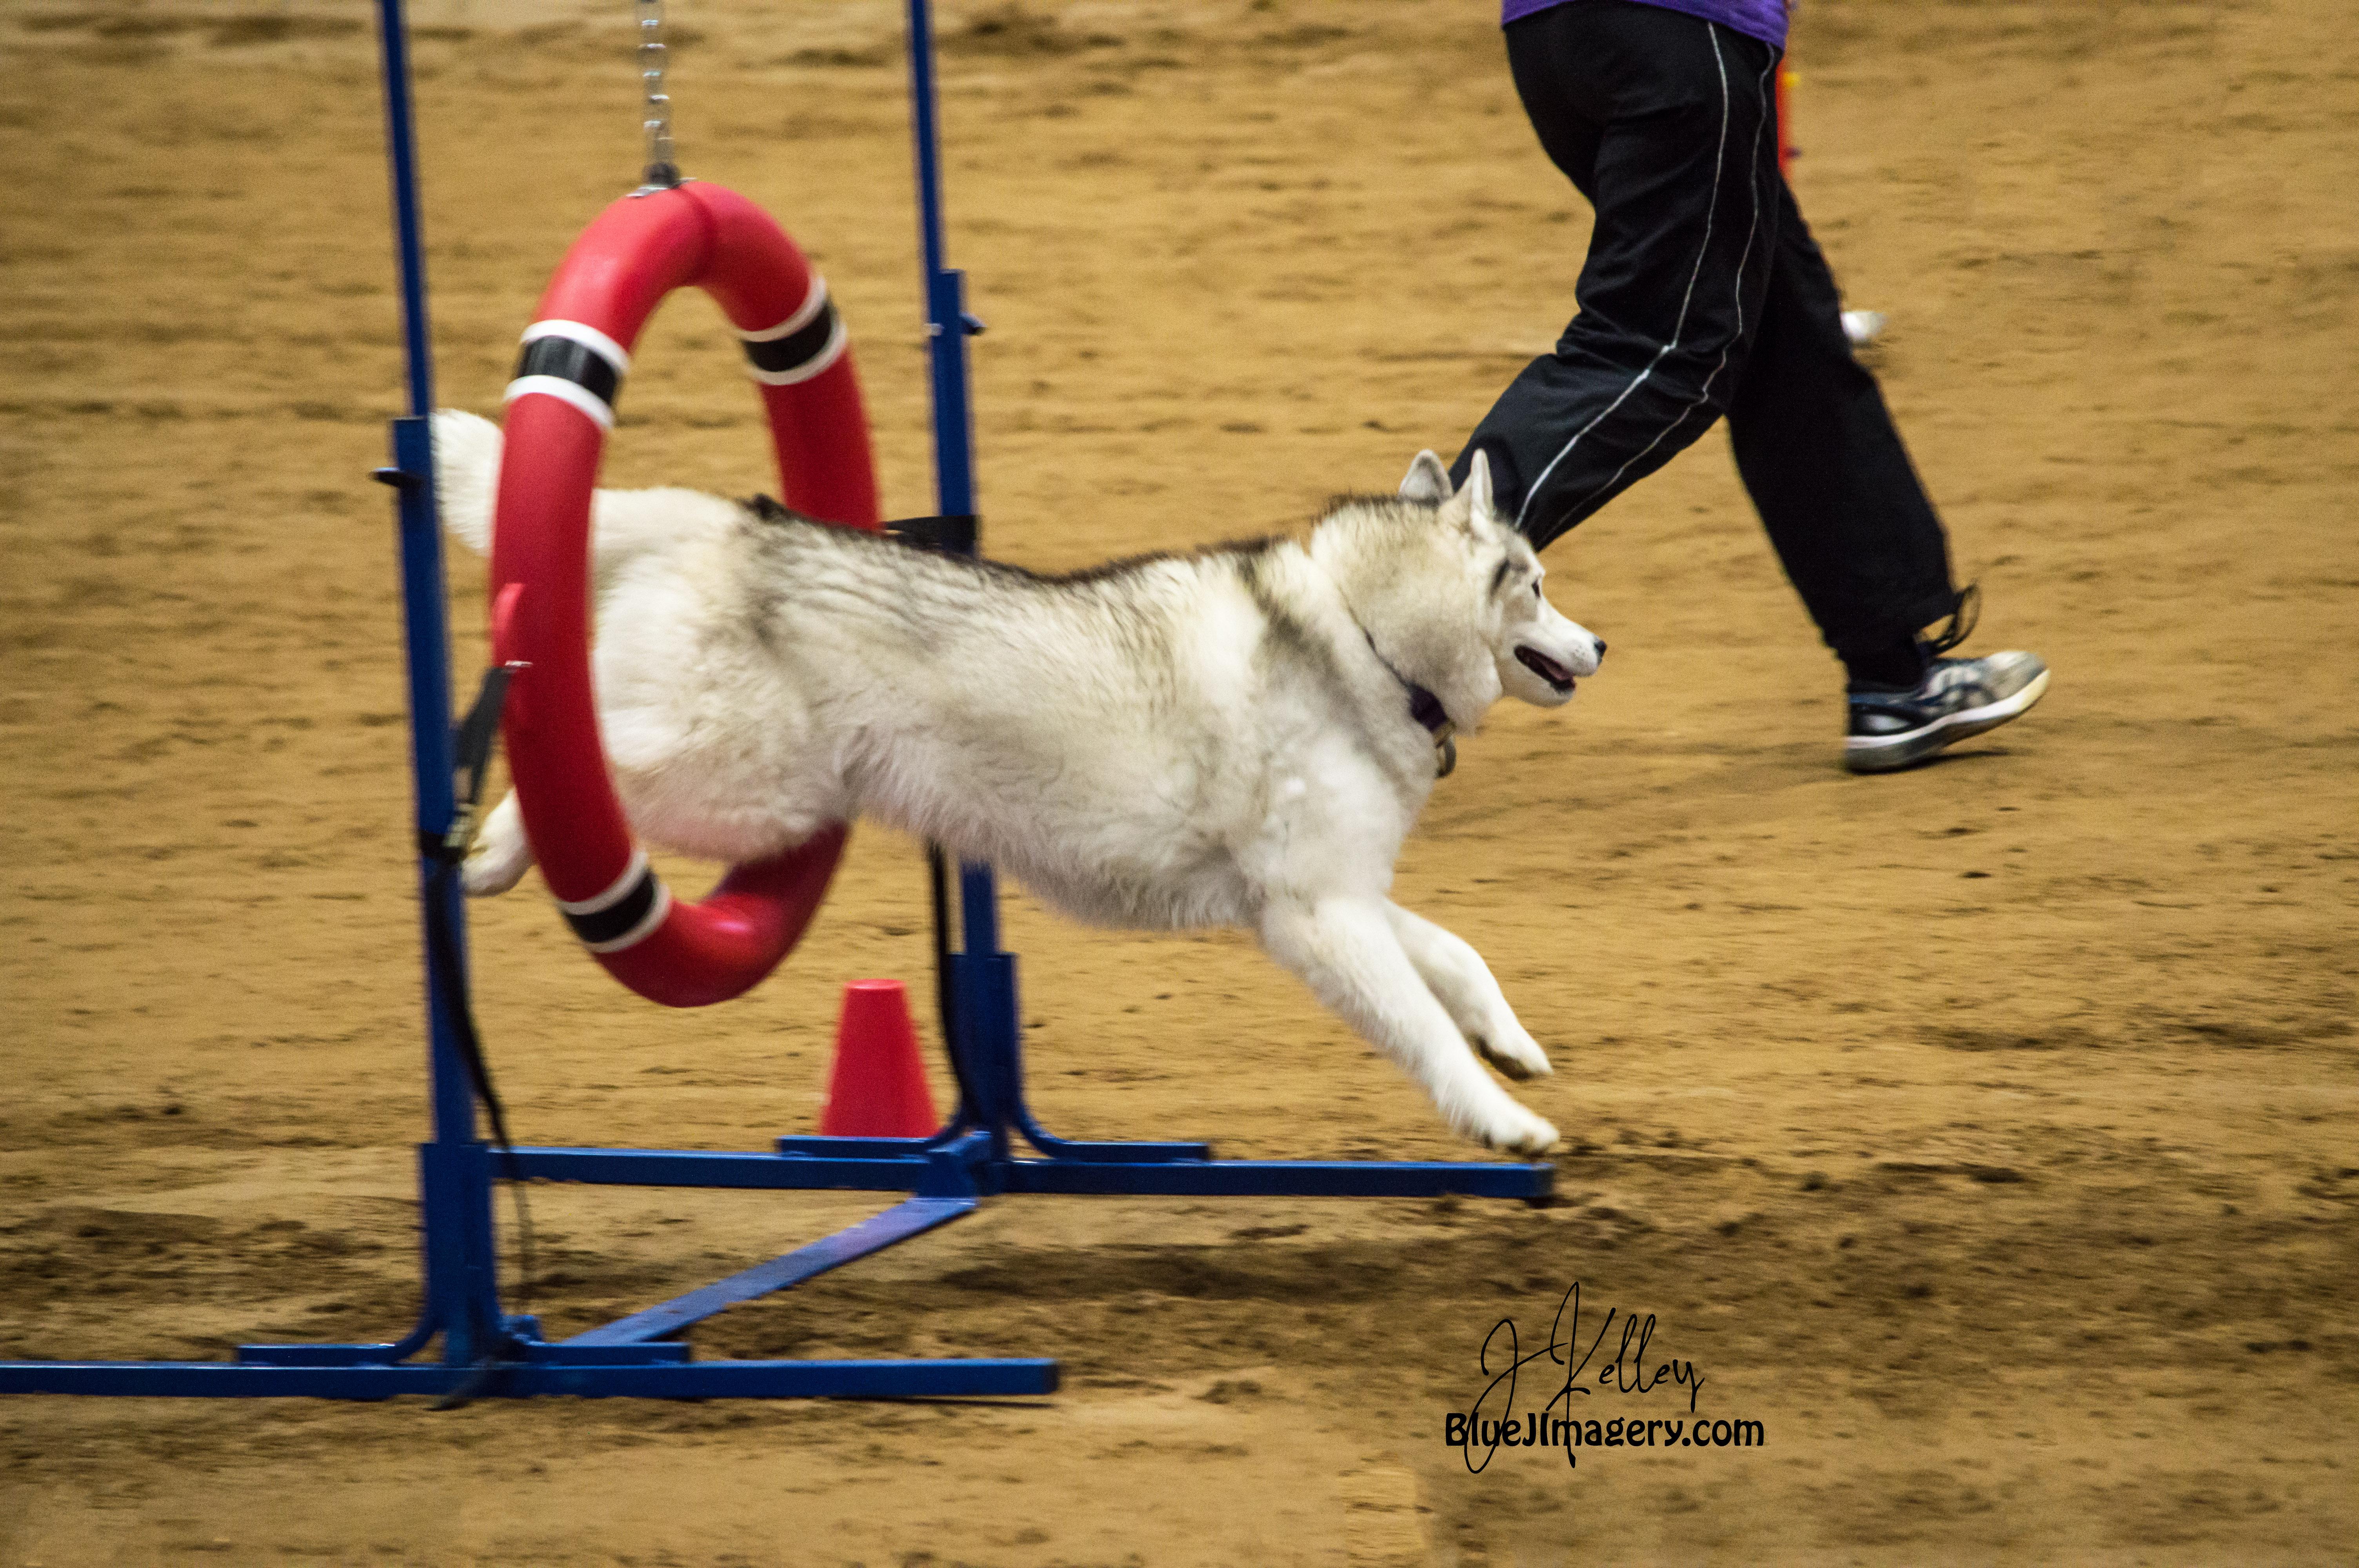 Canine Agility! WoW!